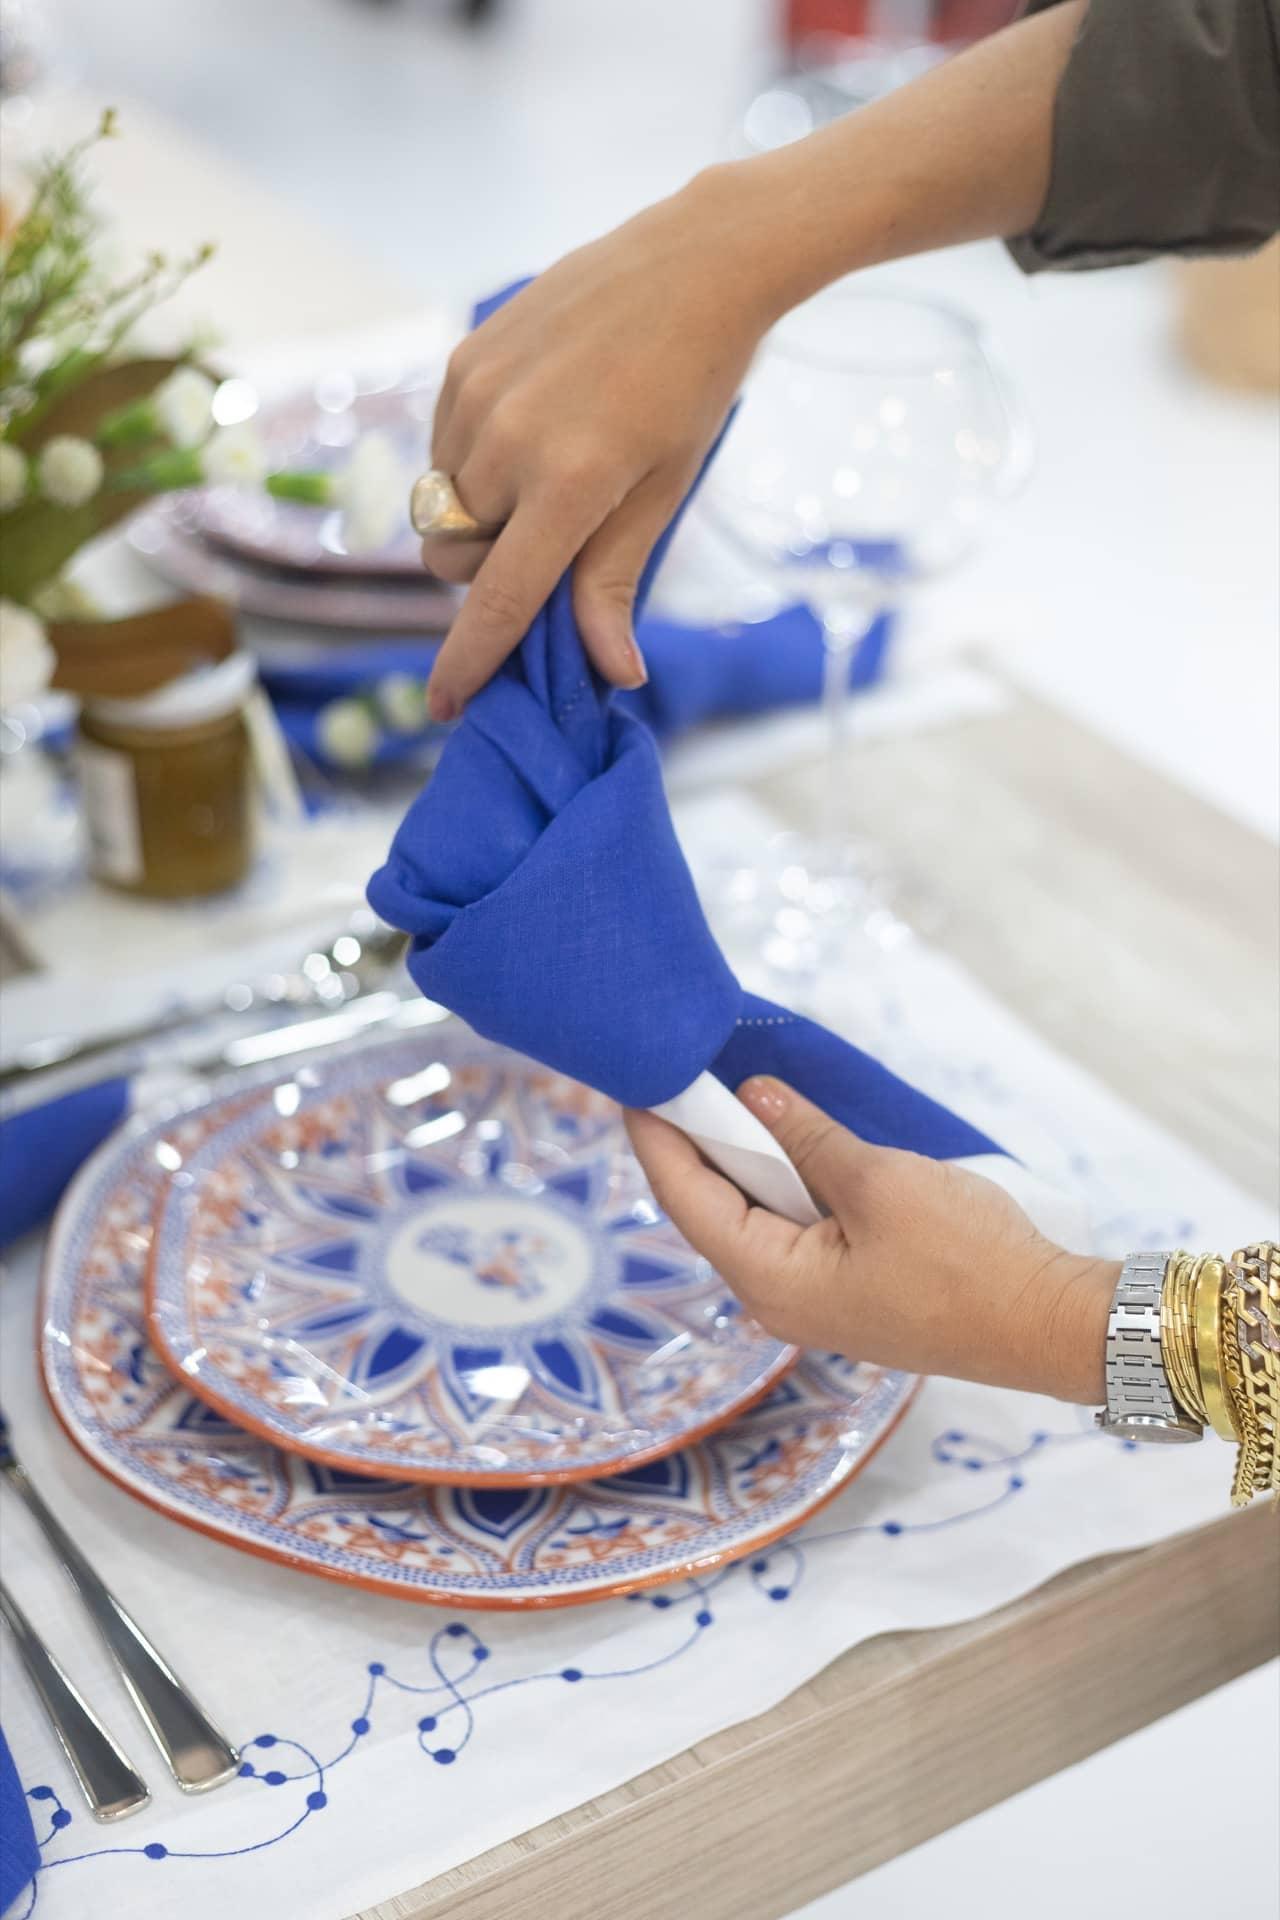 Imagem: E a primeira dica de Lucila Turqueto é: dê um nó no guardanapo para criar um volume interessante. Assim, não é necessário usar um anel de guardanapo. Foto: Carolina Prieto.